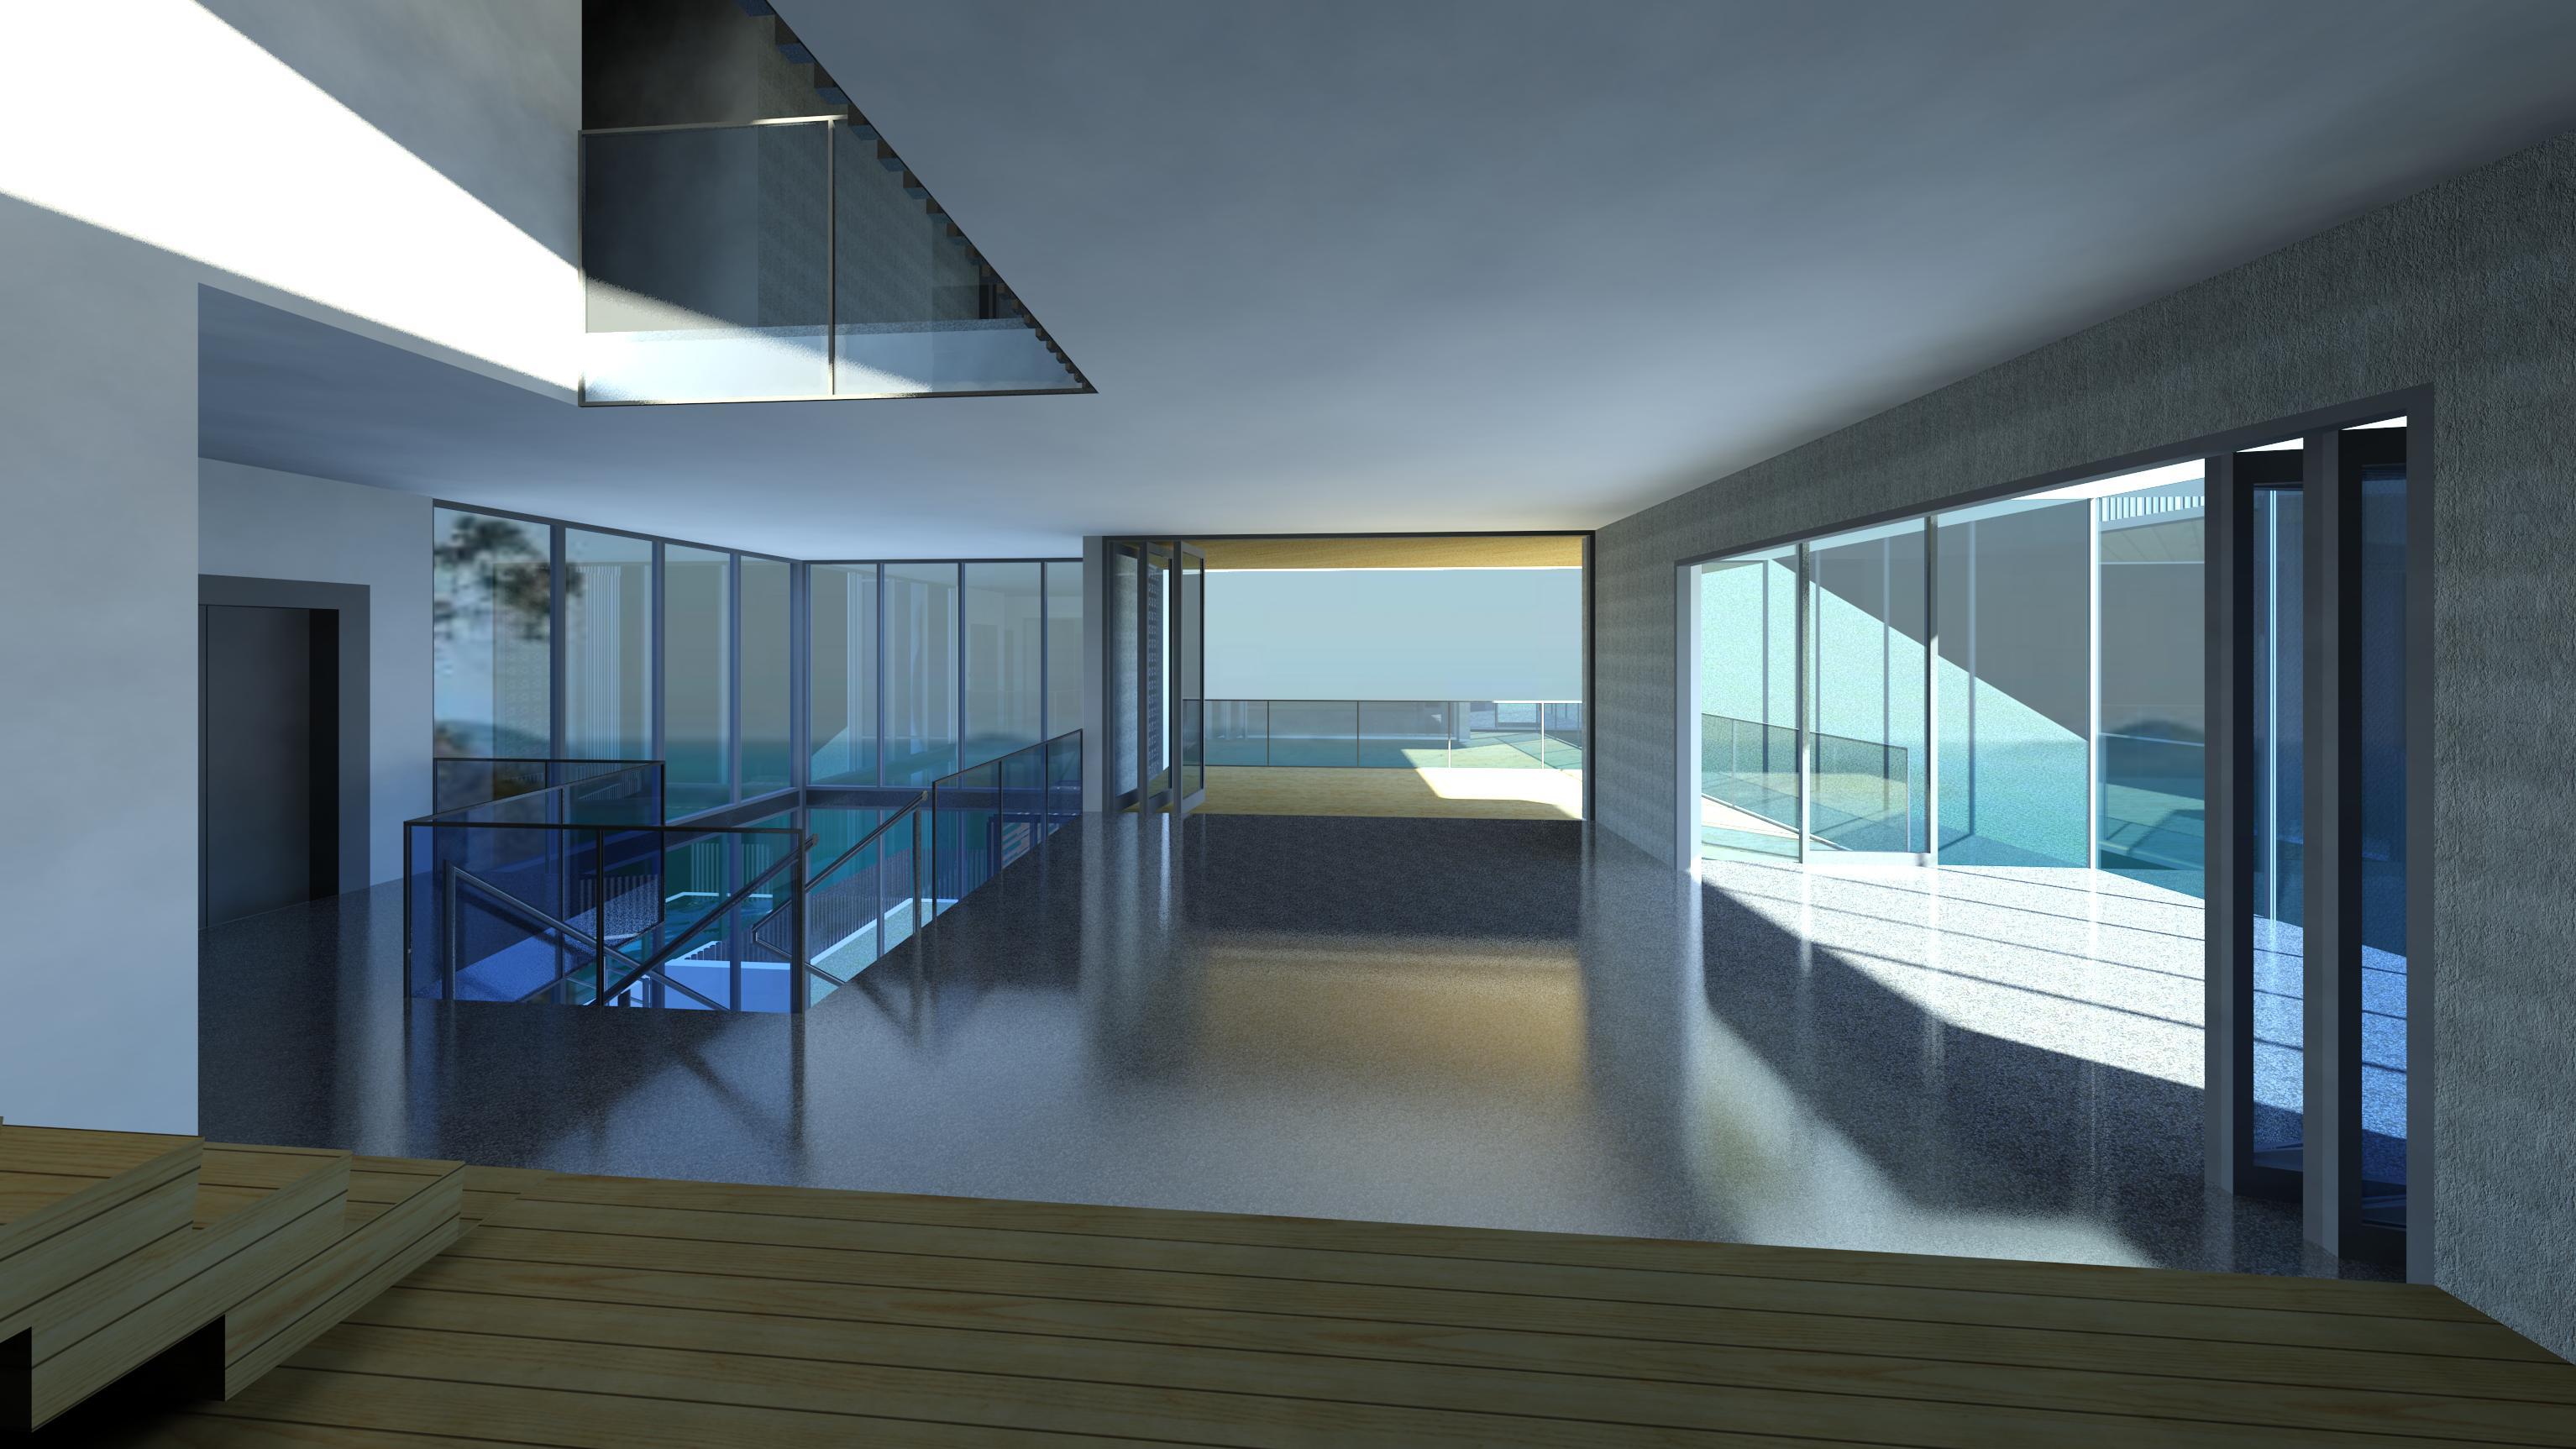 3D View 6 internal 2